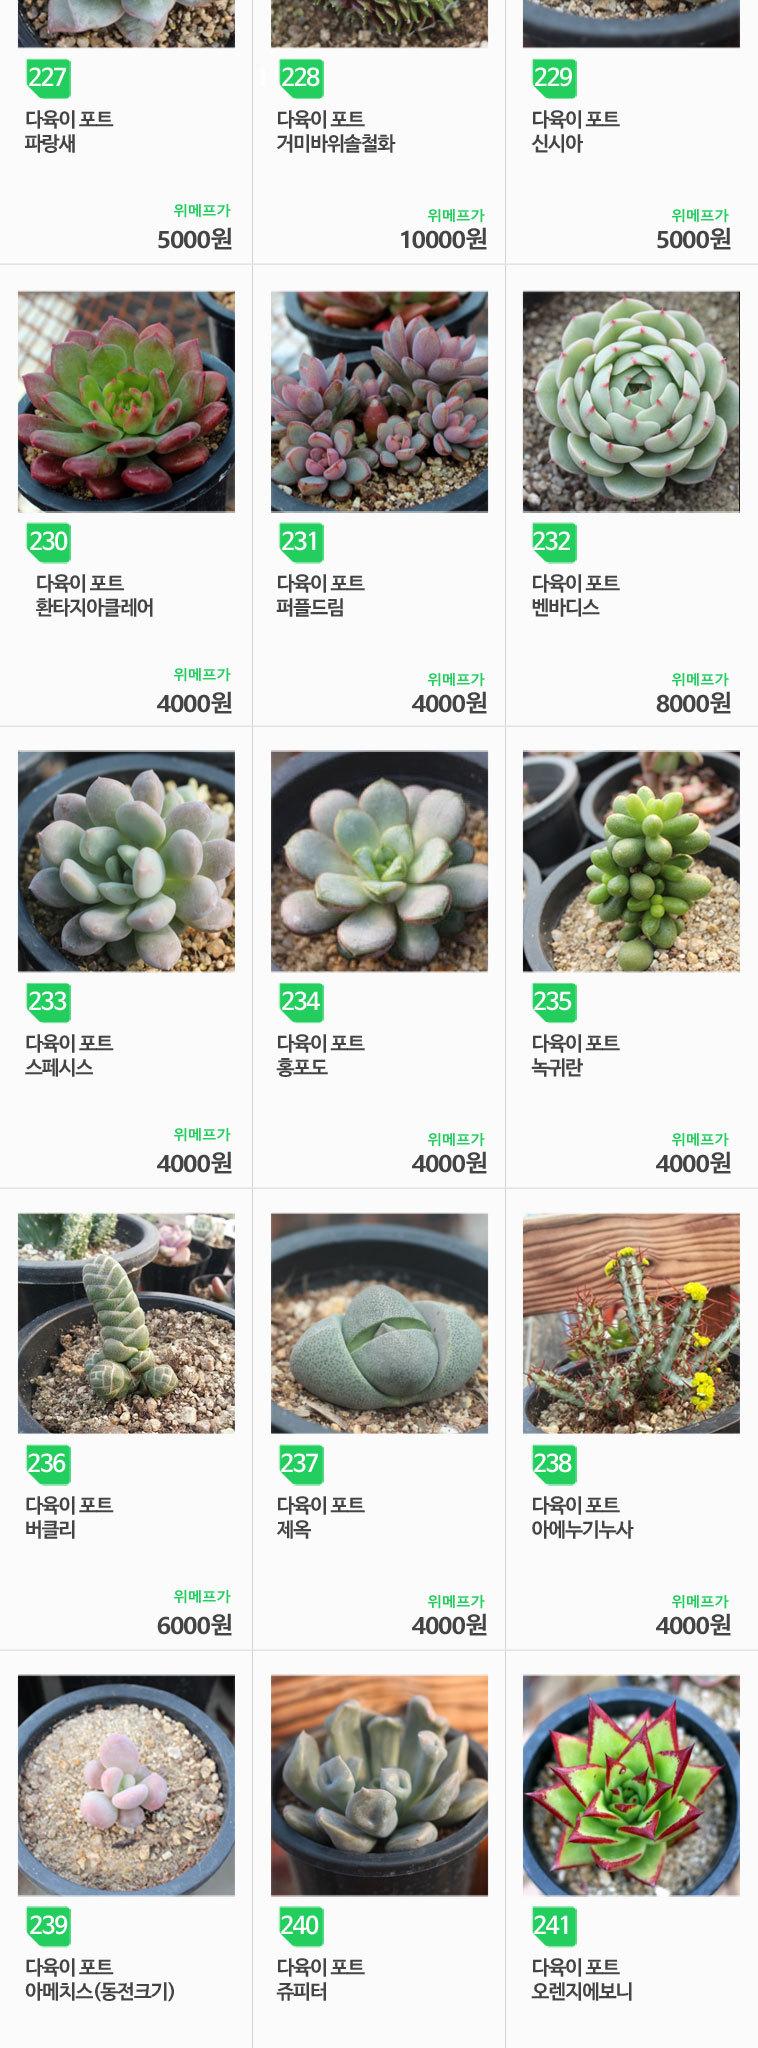 올망졸망 다육식물 골라담기 - 상세정보